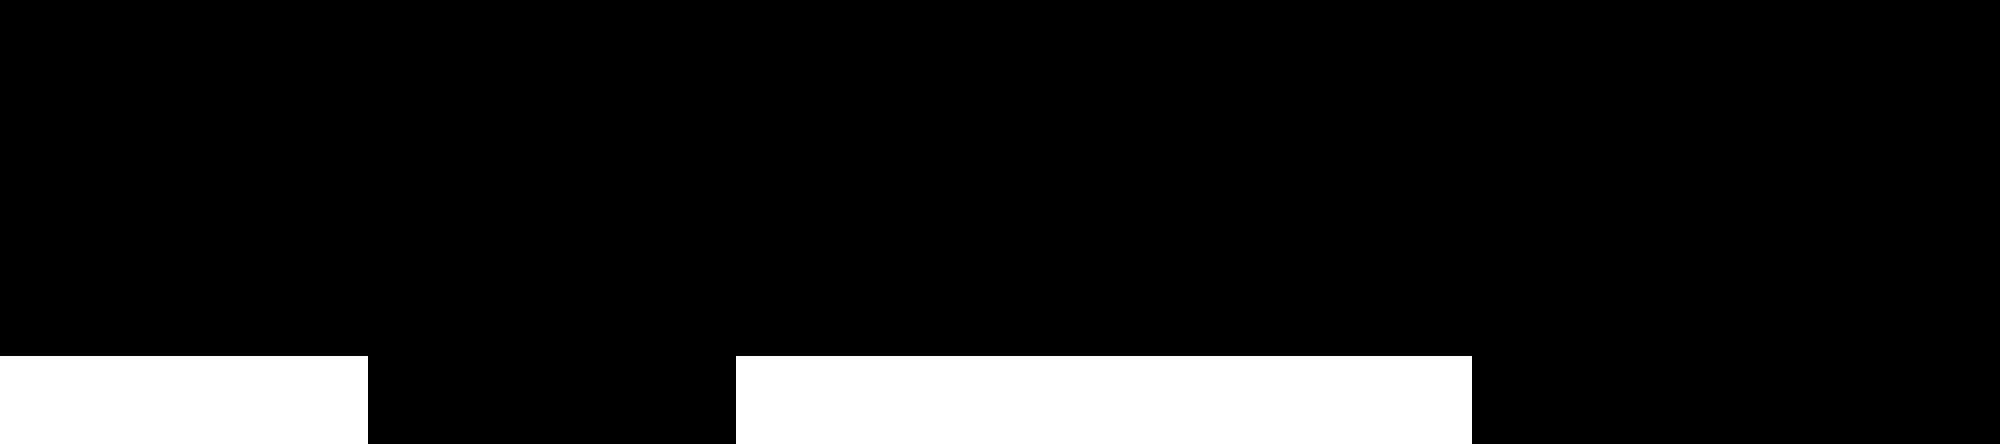 De_Bijenkorf_logo.png